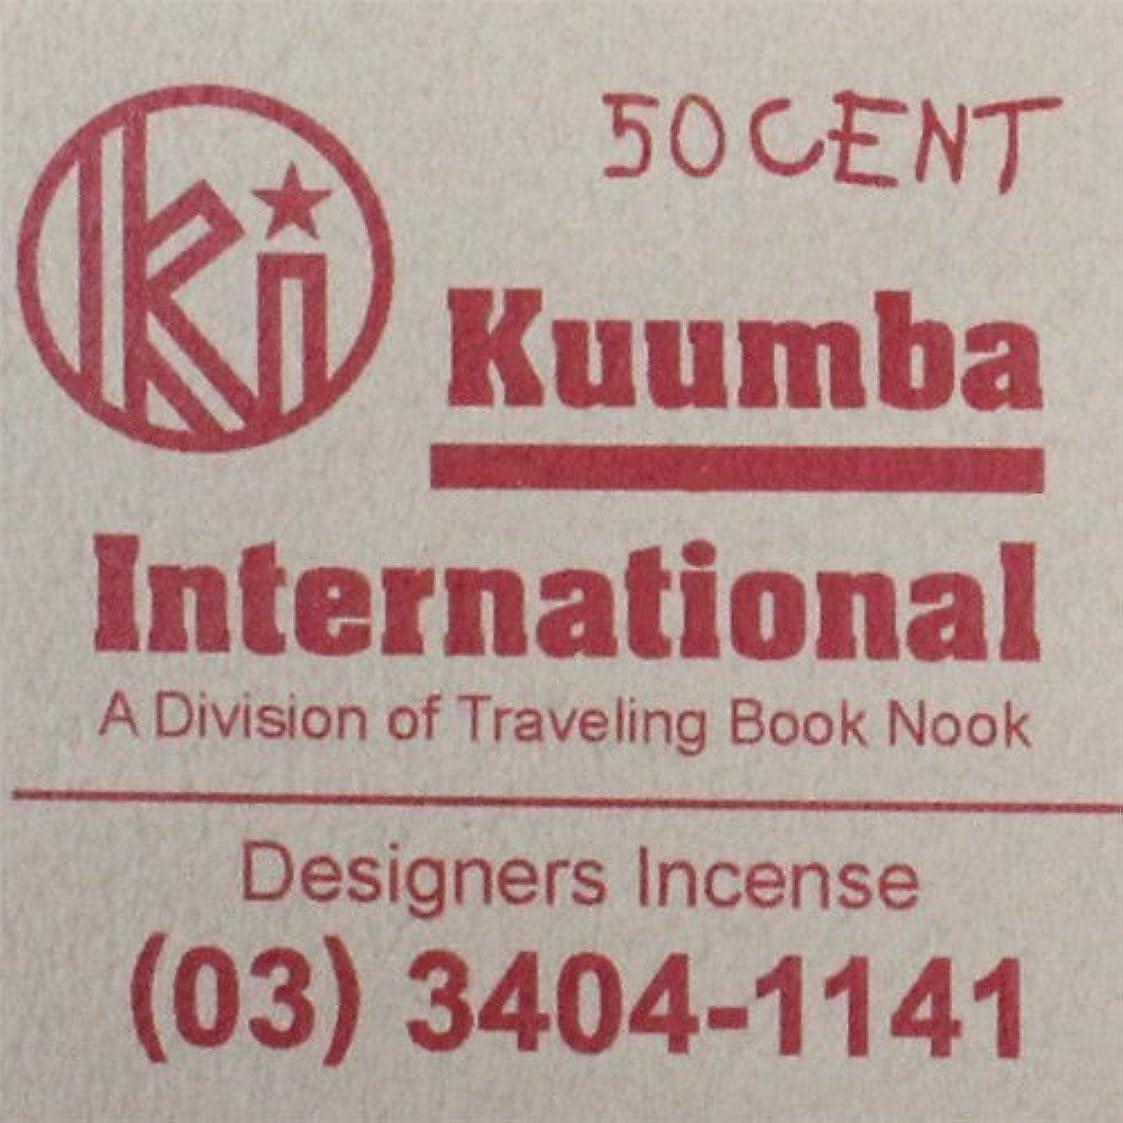 糸植物学懸念KUUMBA / クンバ『incense』(50CENT) (Regular size)